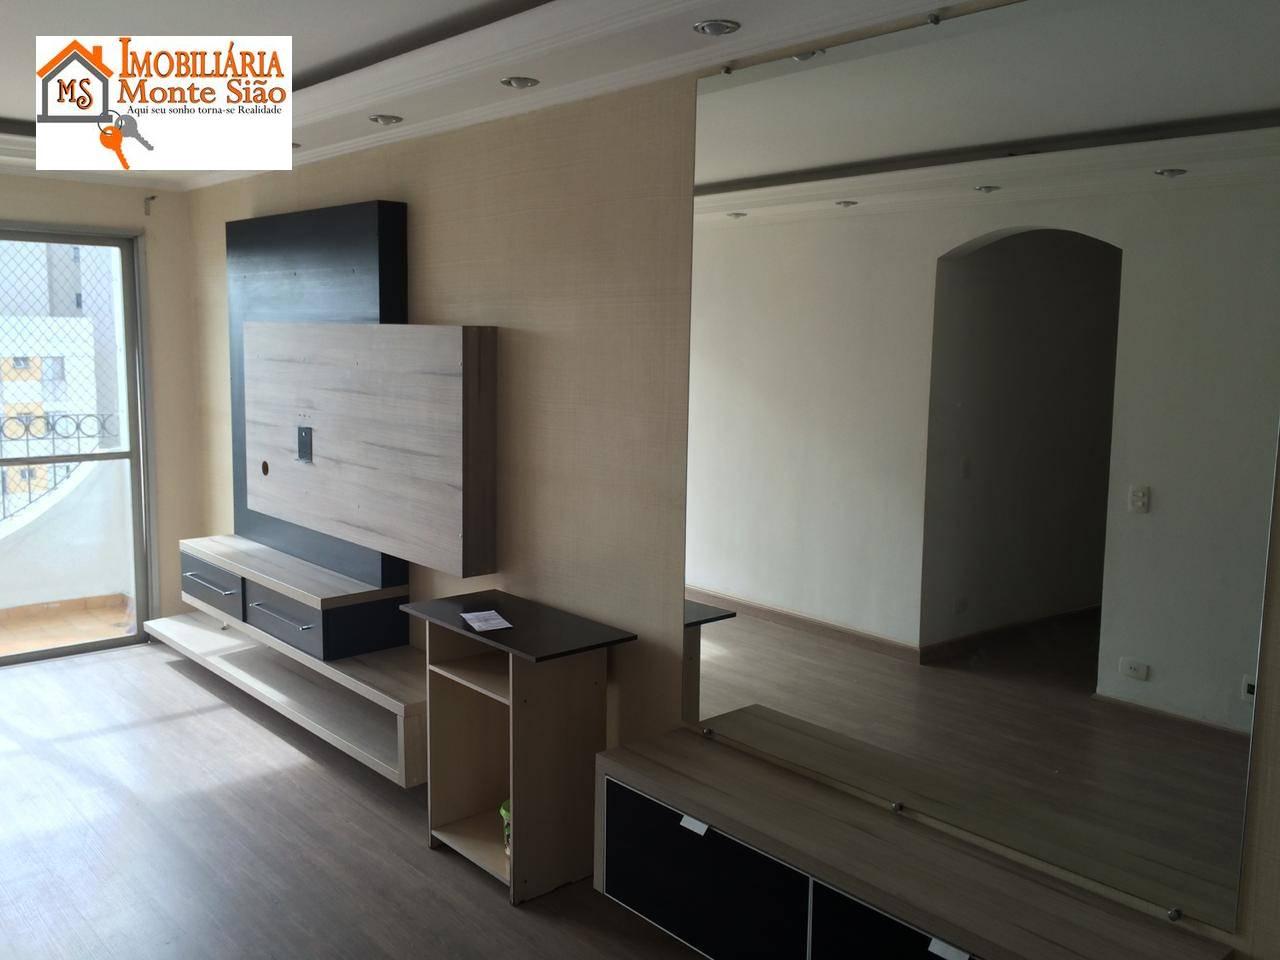 Apartamento com 2 dormitórios à venda, 75 m² por R$ 290.000,00 - Centro - Guarulhos/SP